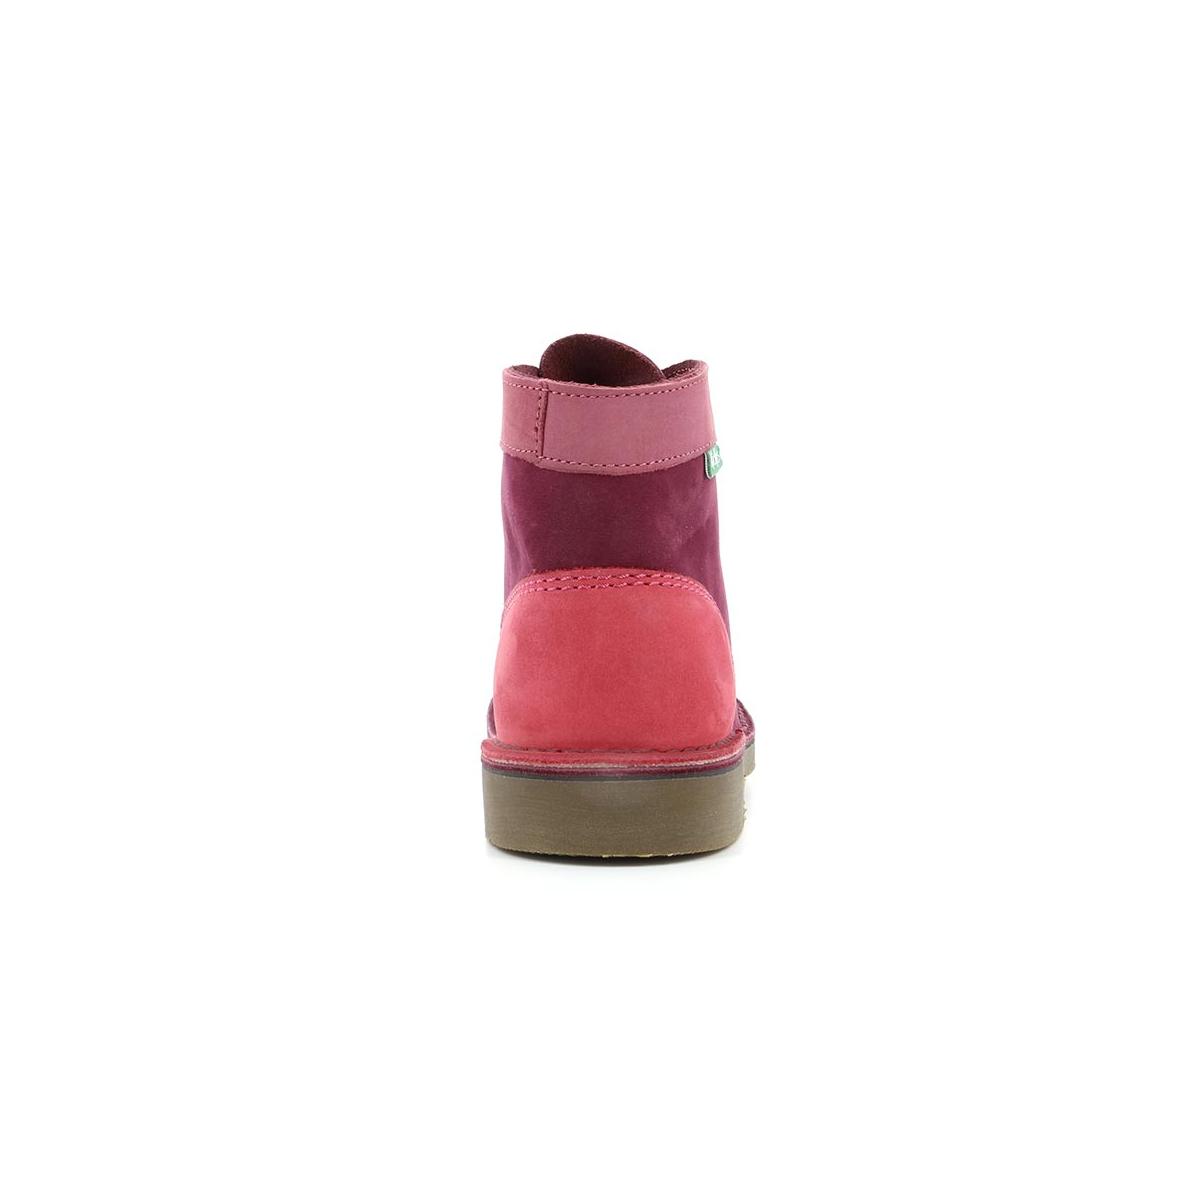 Chaussures Rose Col Enfant Kick Kickers Bordeaux OxPOq